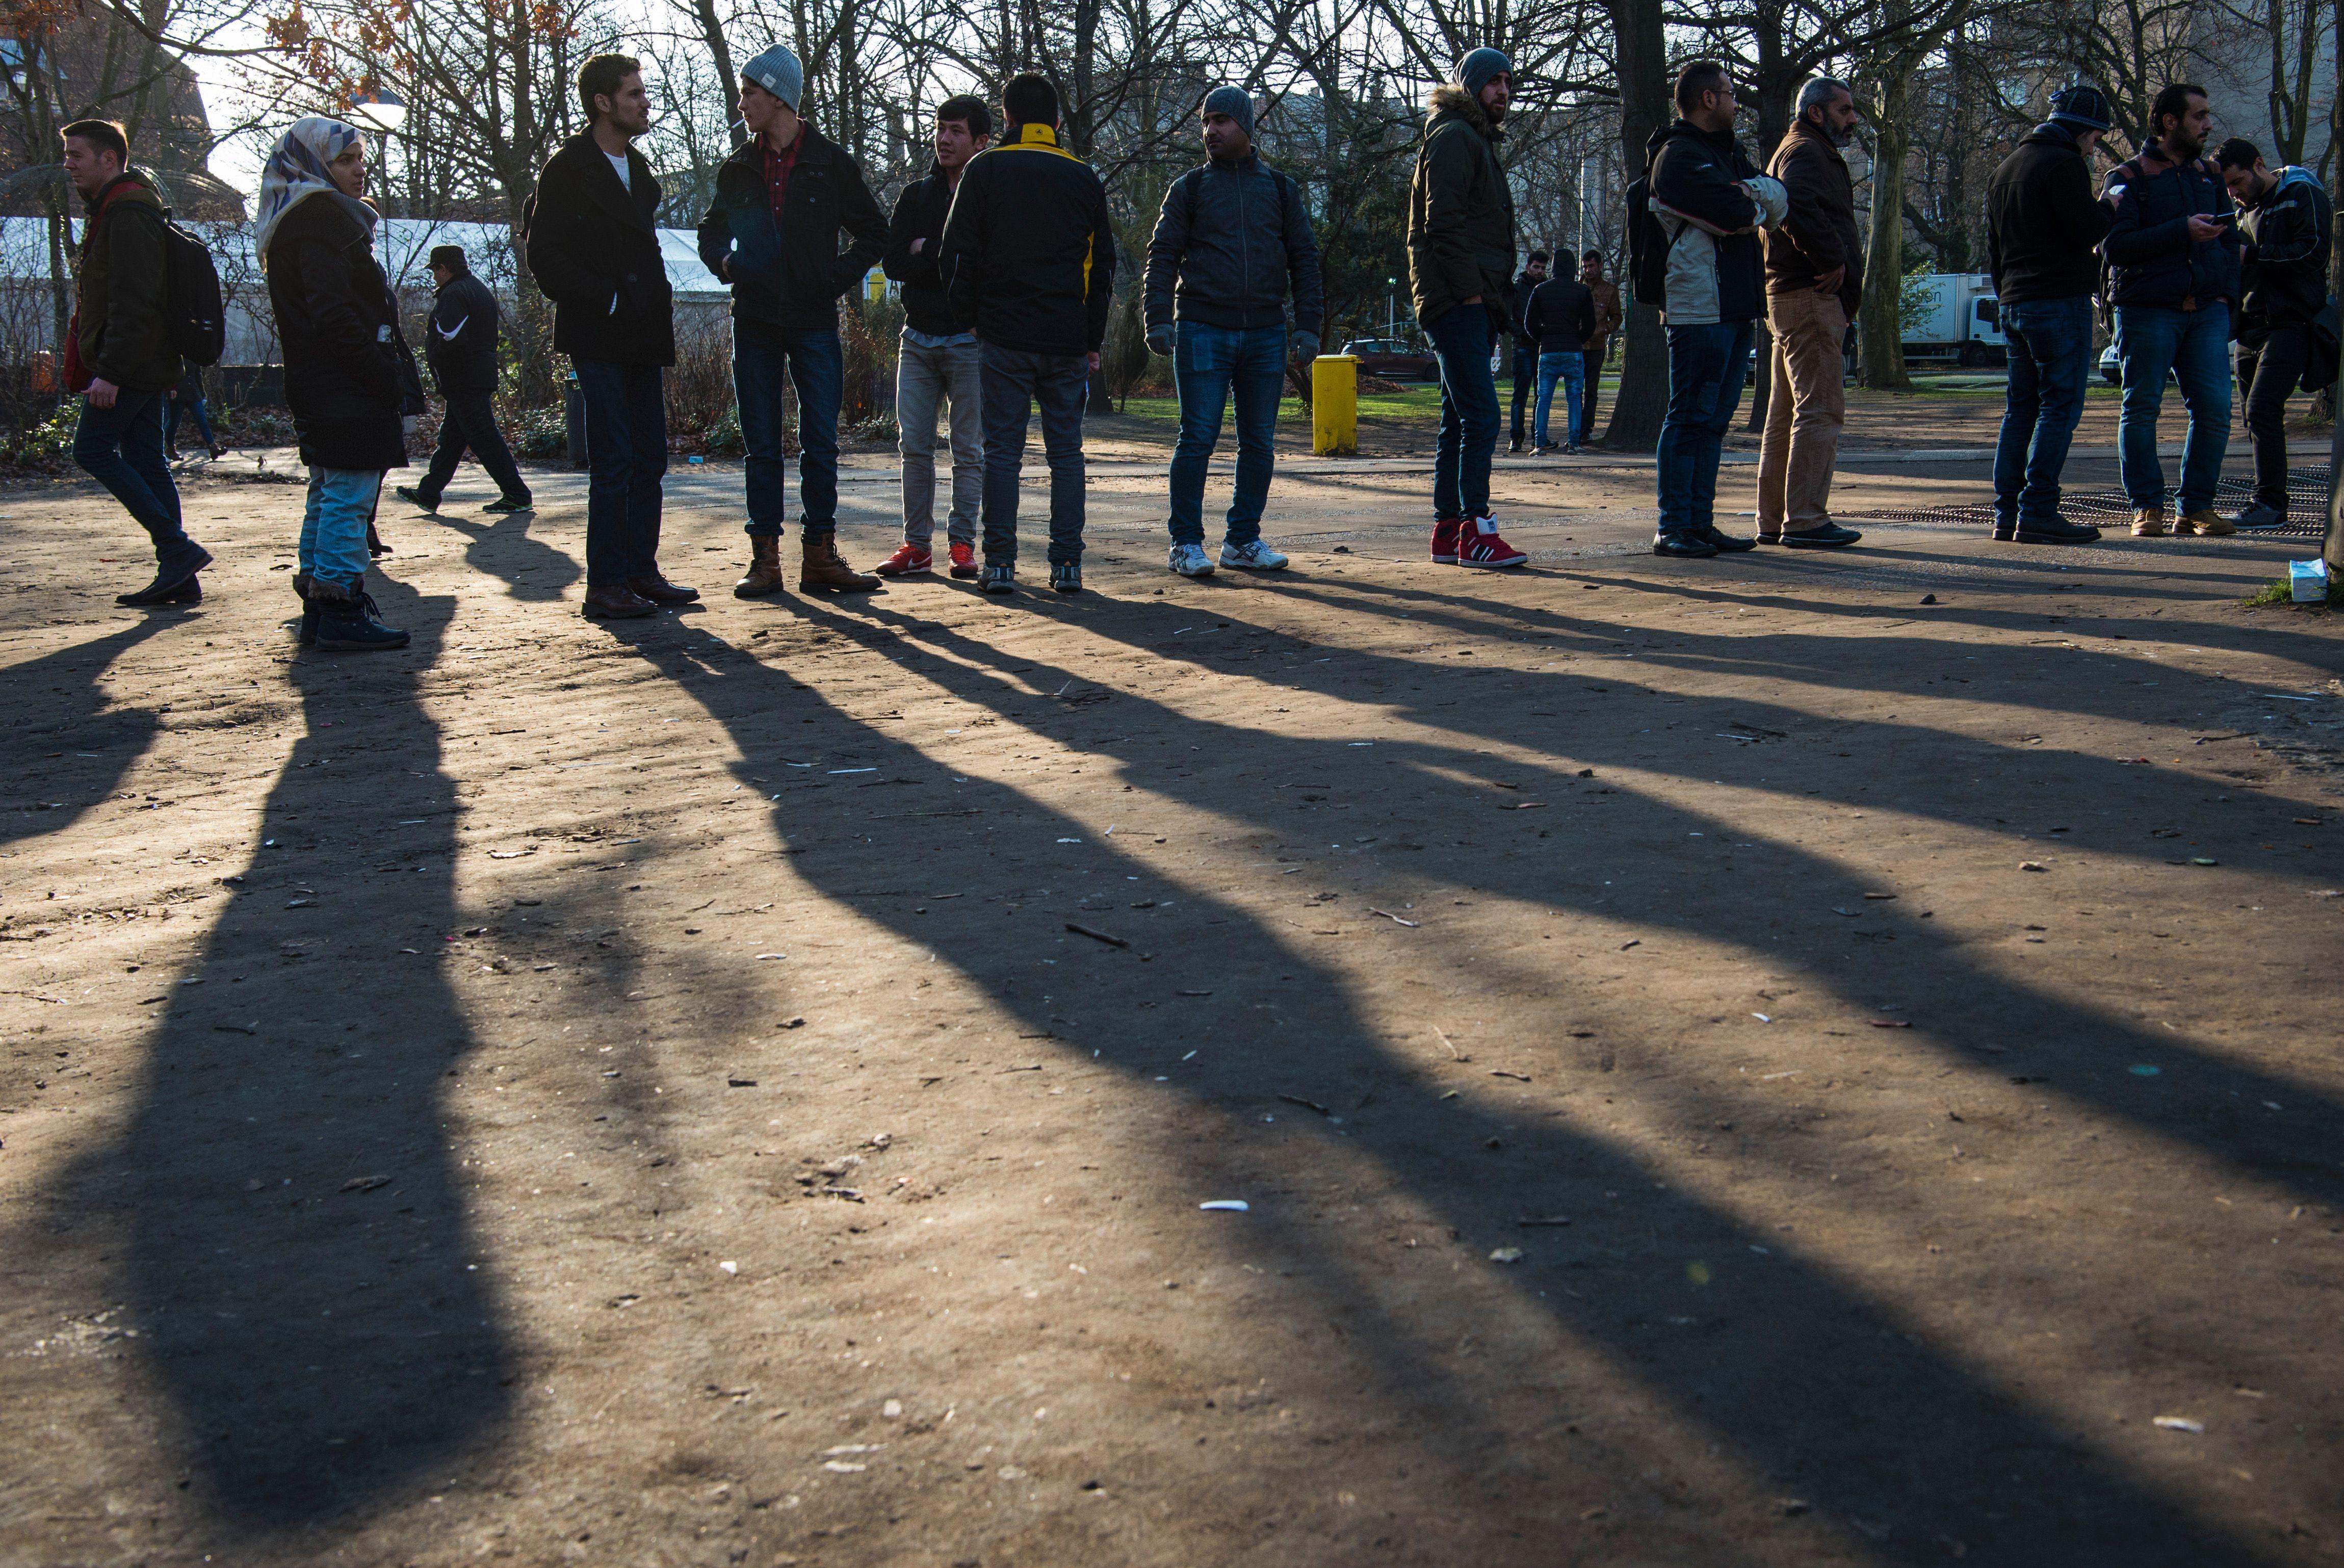 Hälfte der Syrer in Deutschland will Obergrenze